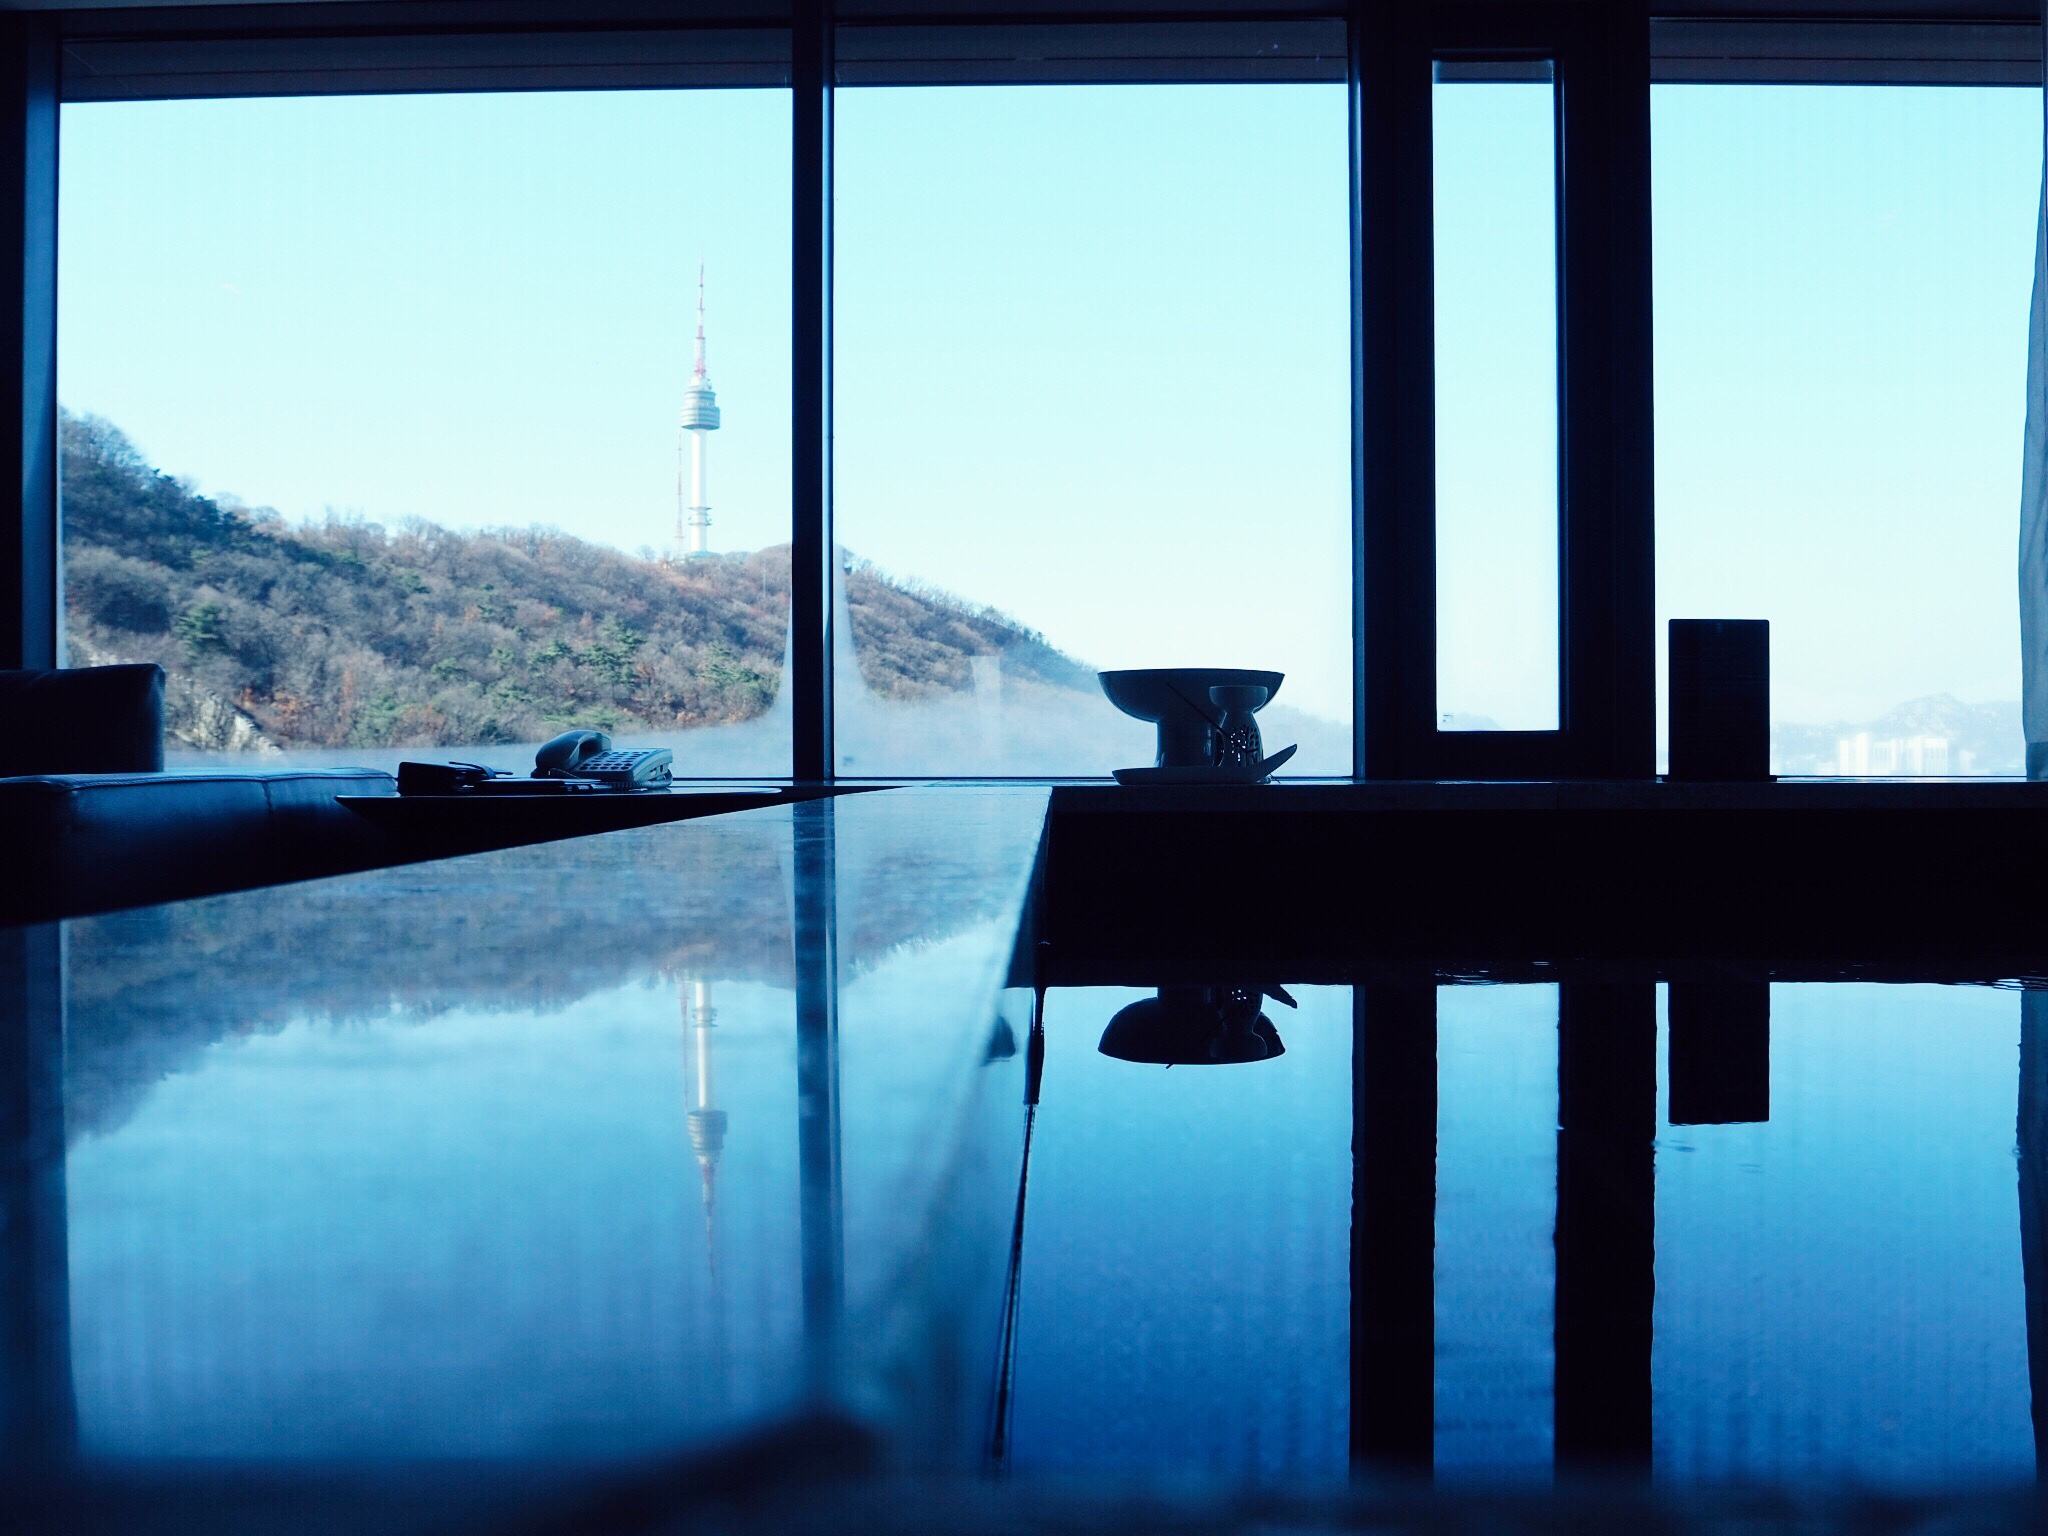 ff695aeb 9aee 4b24 b4dd 688a358085fe 2 - Banyan Tree Club & Spa Seoul - リピーターにお勧めしたい韓国ソウルのちょっと贅沢なステイ先